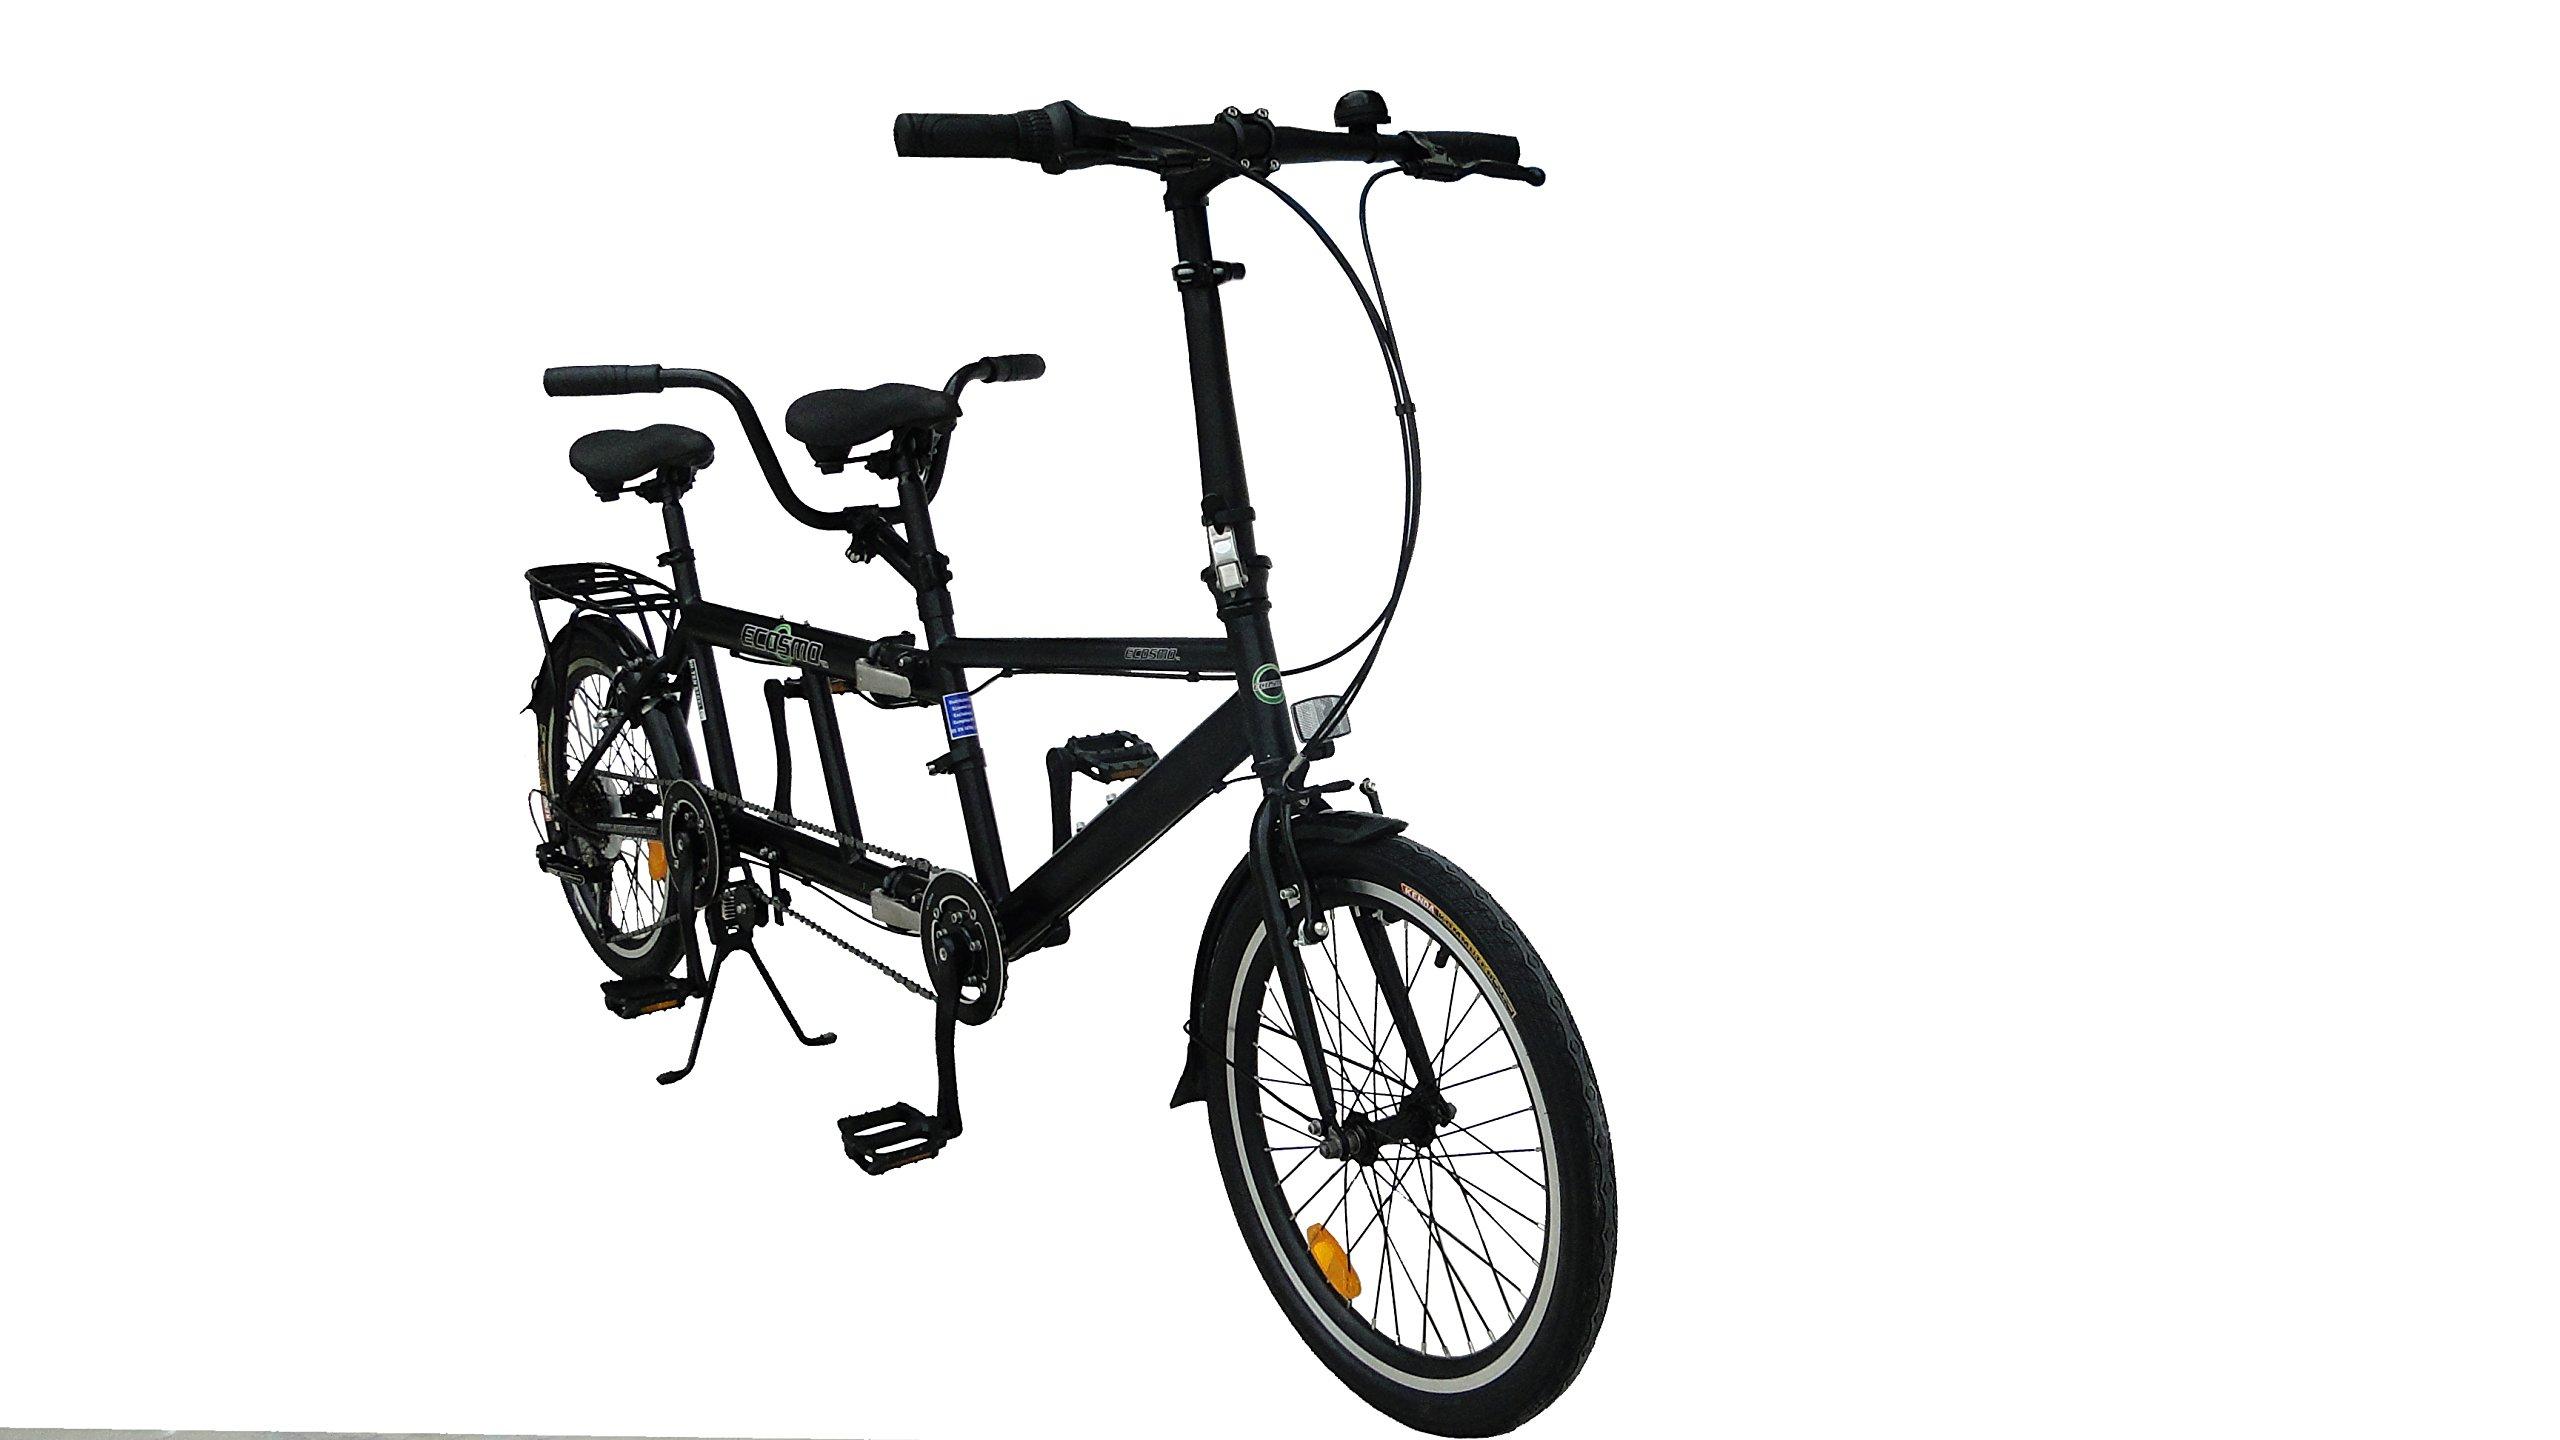 Ecosmo 5080 Cm 20 Bicicletta Pieghevole Da Città 7sp 20tf01bl Tandem